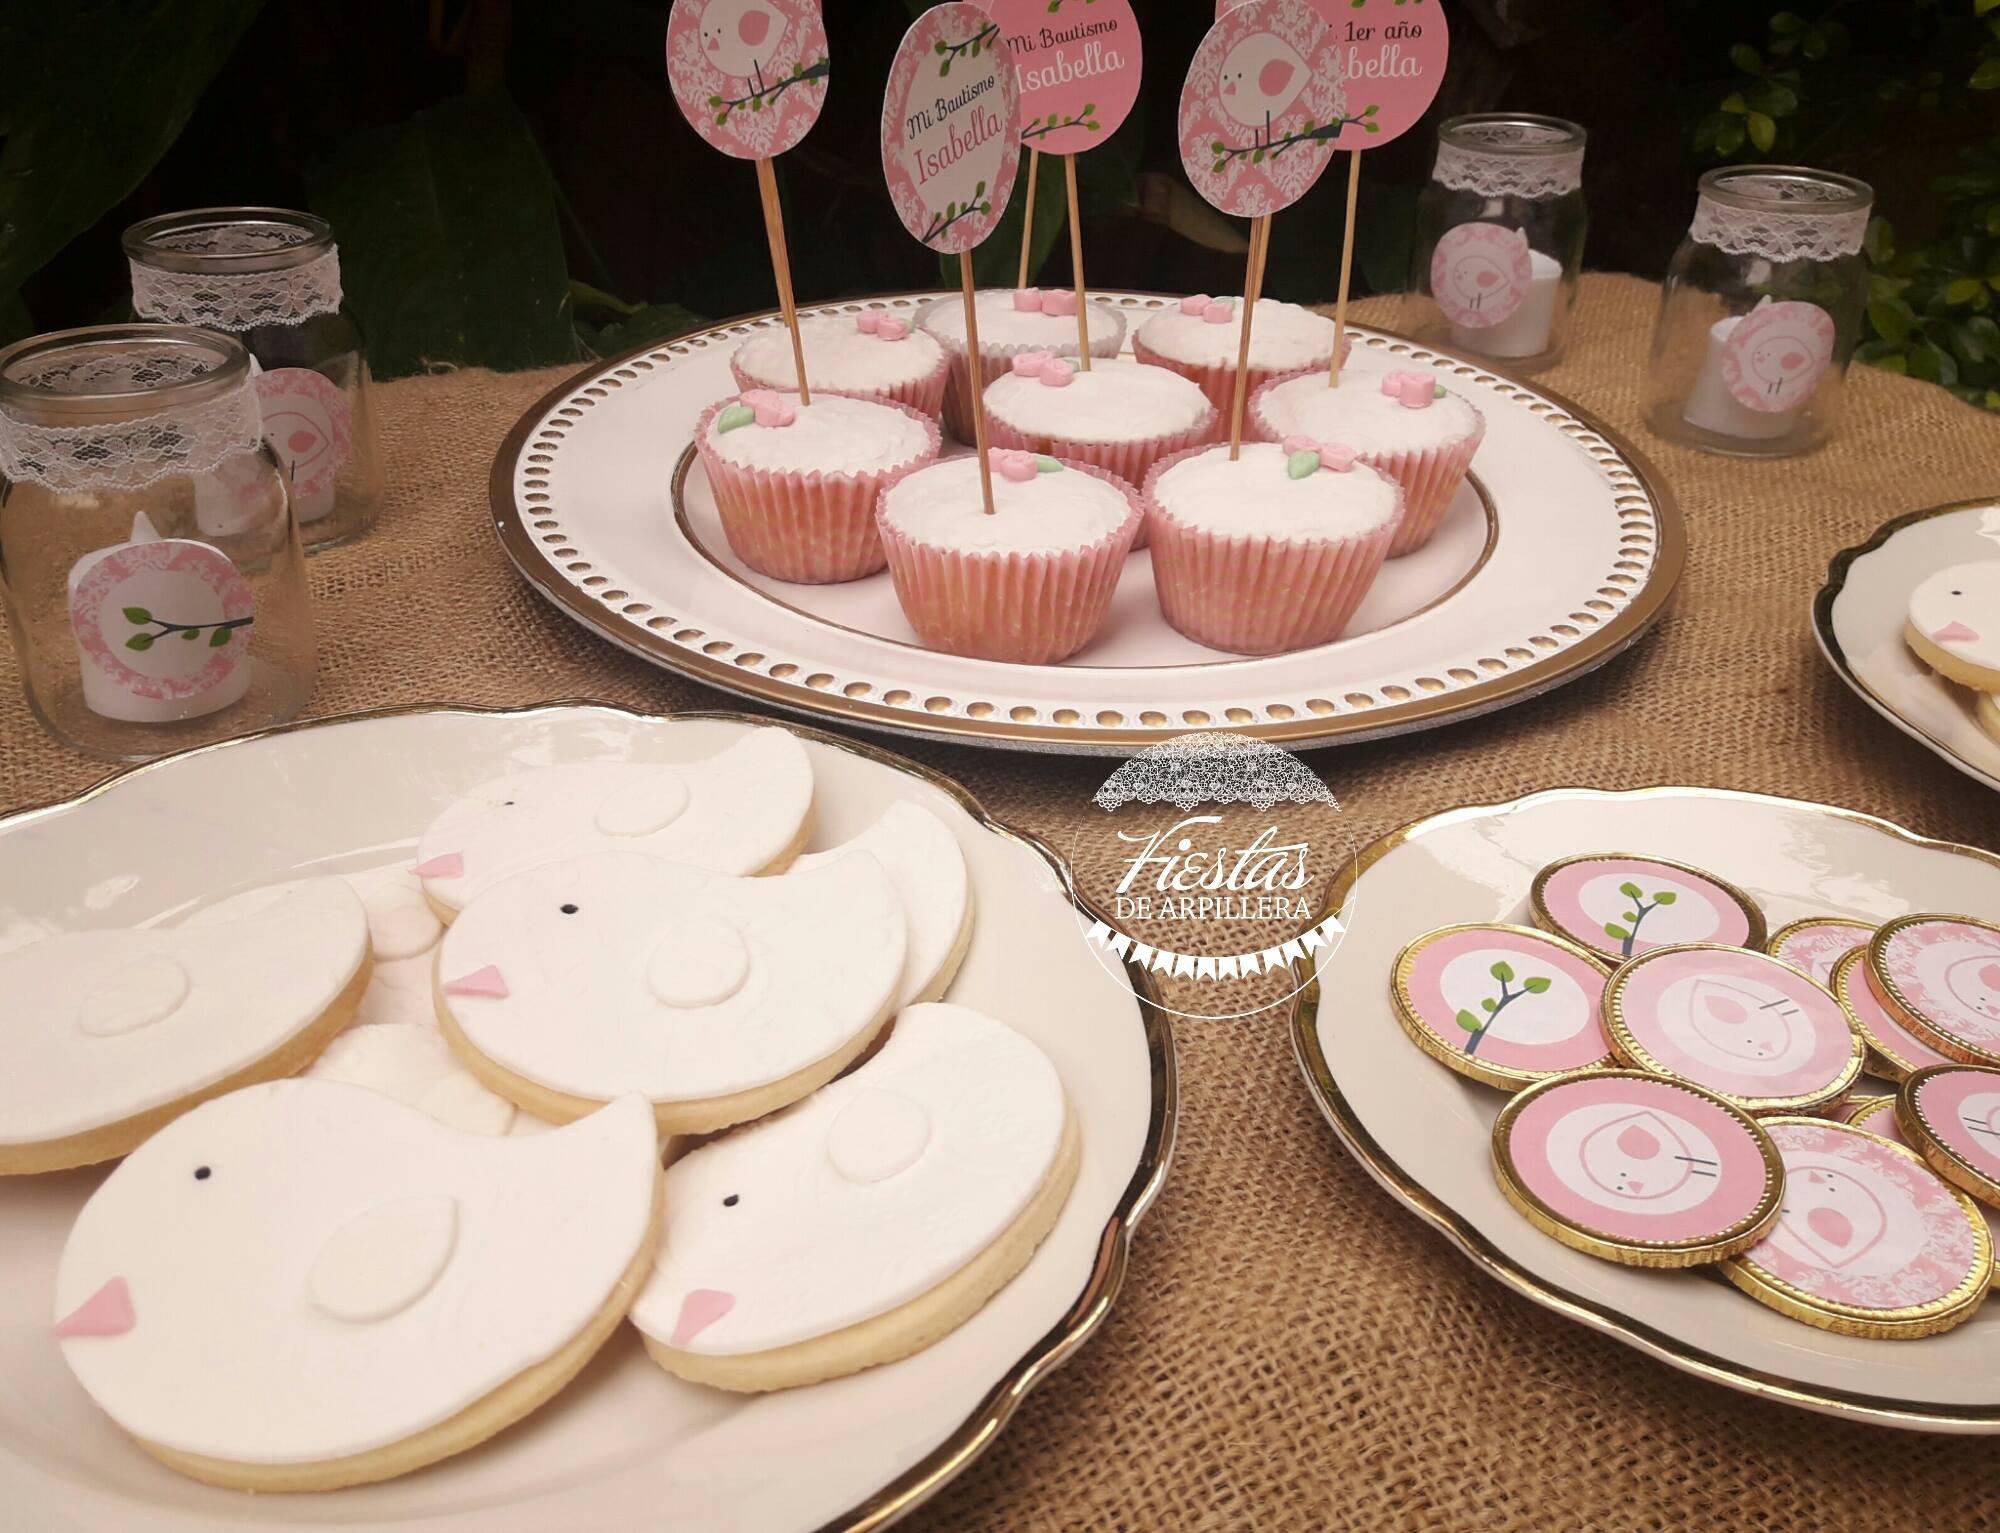 Galletitas decoradas, cupcakes y moneditas de chocolate con kit pajaritos